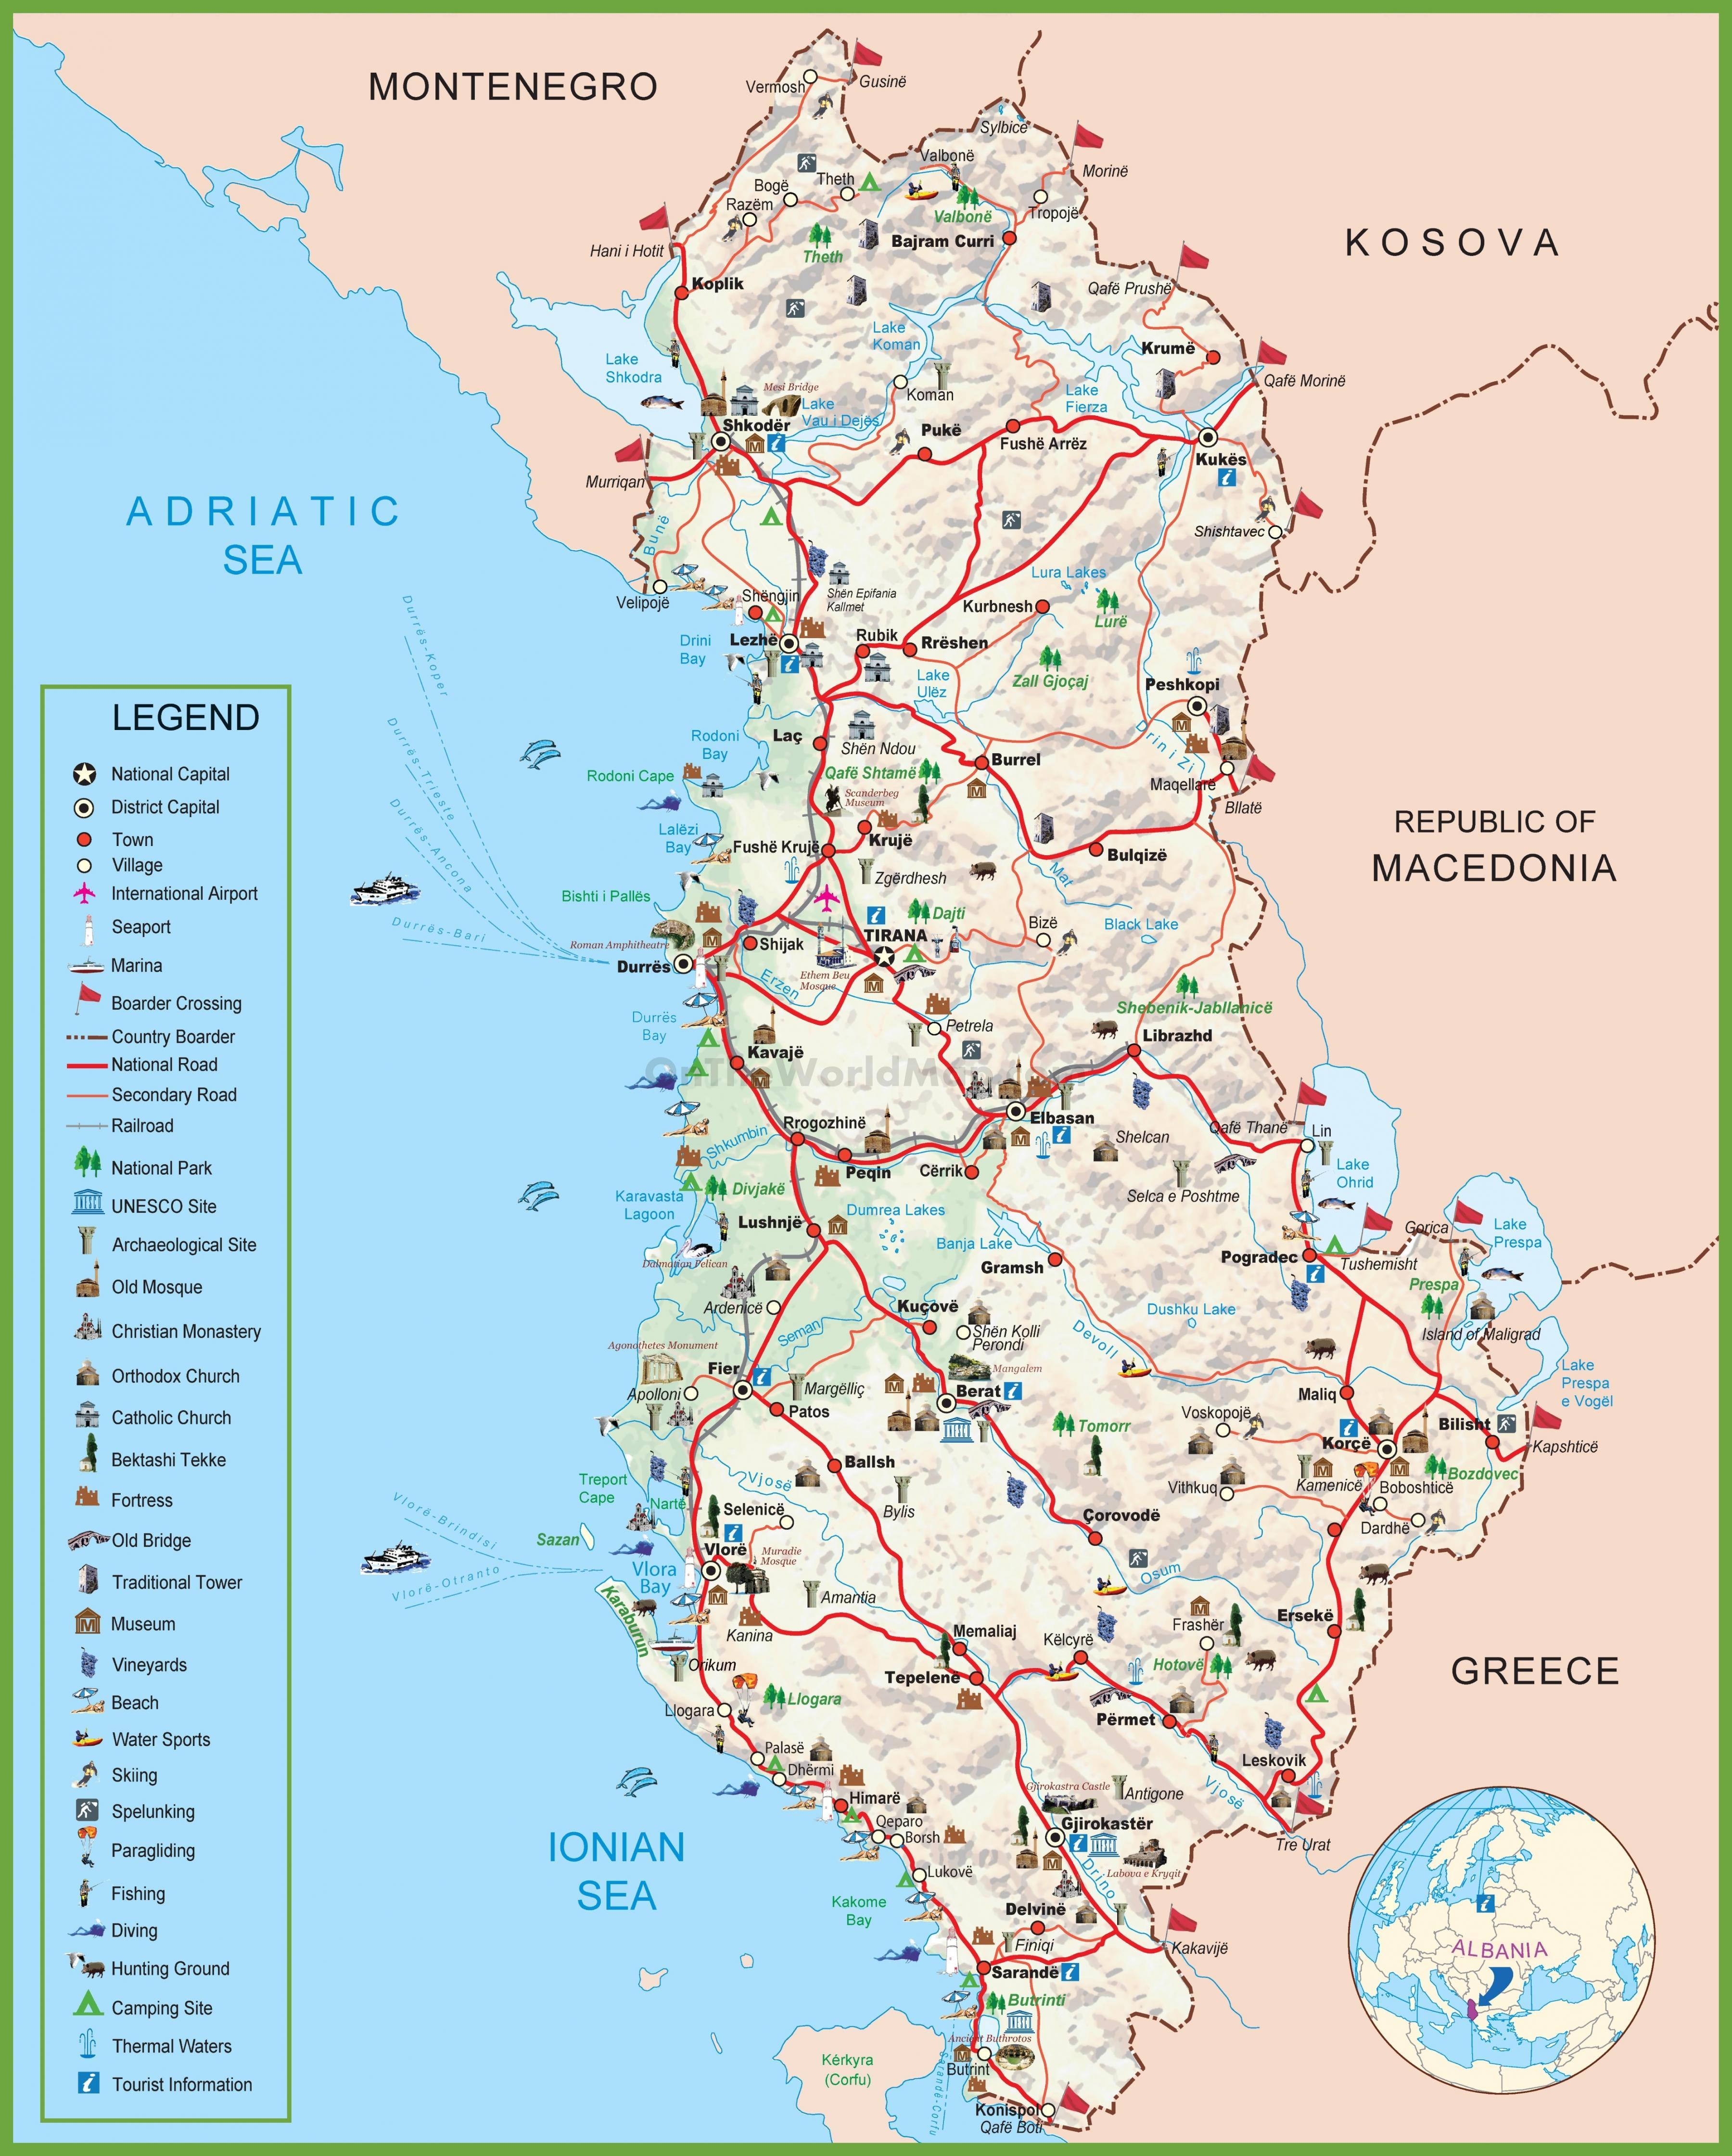 Albanie Turisticka Mapa Mapa Albanie Turisticke Jizni Evropa